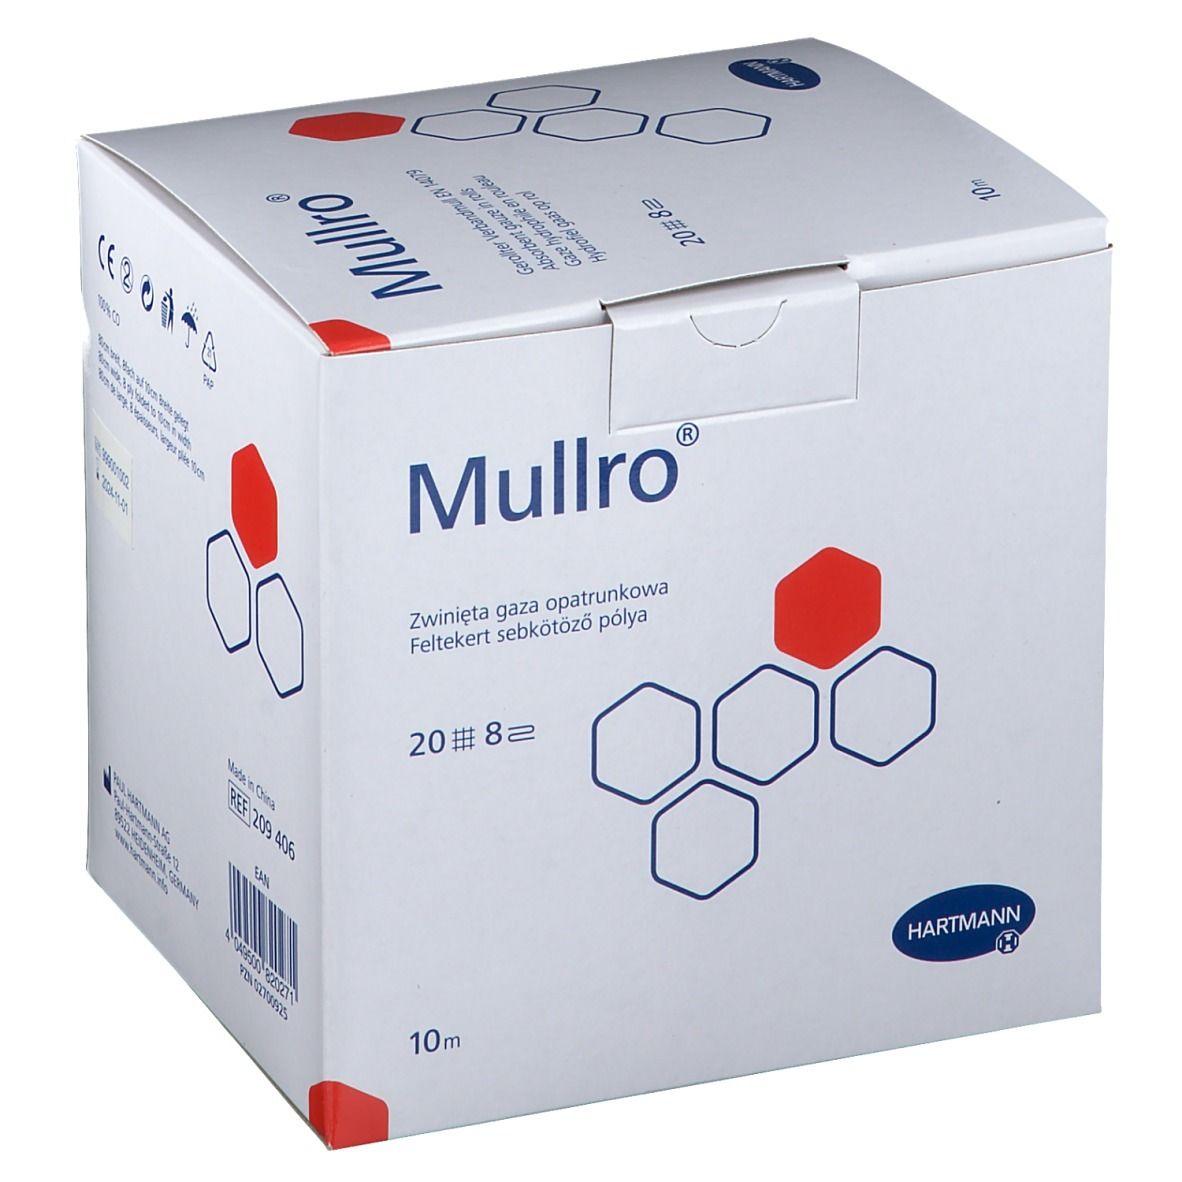 Mullro® Verbandmull gerollt 10m x 10cm